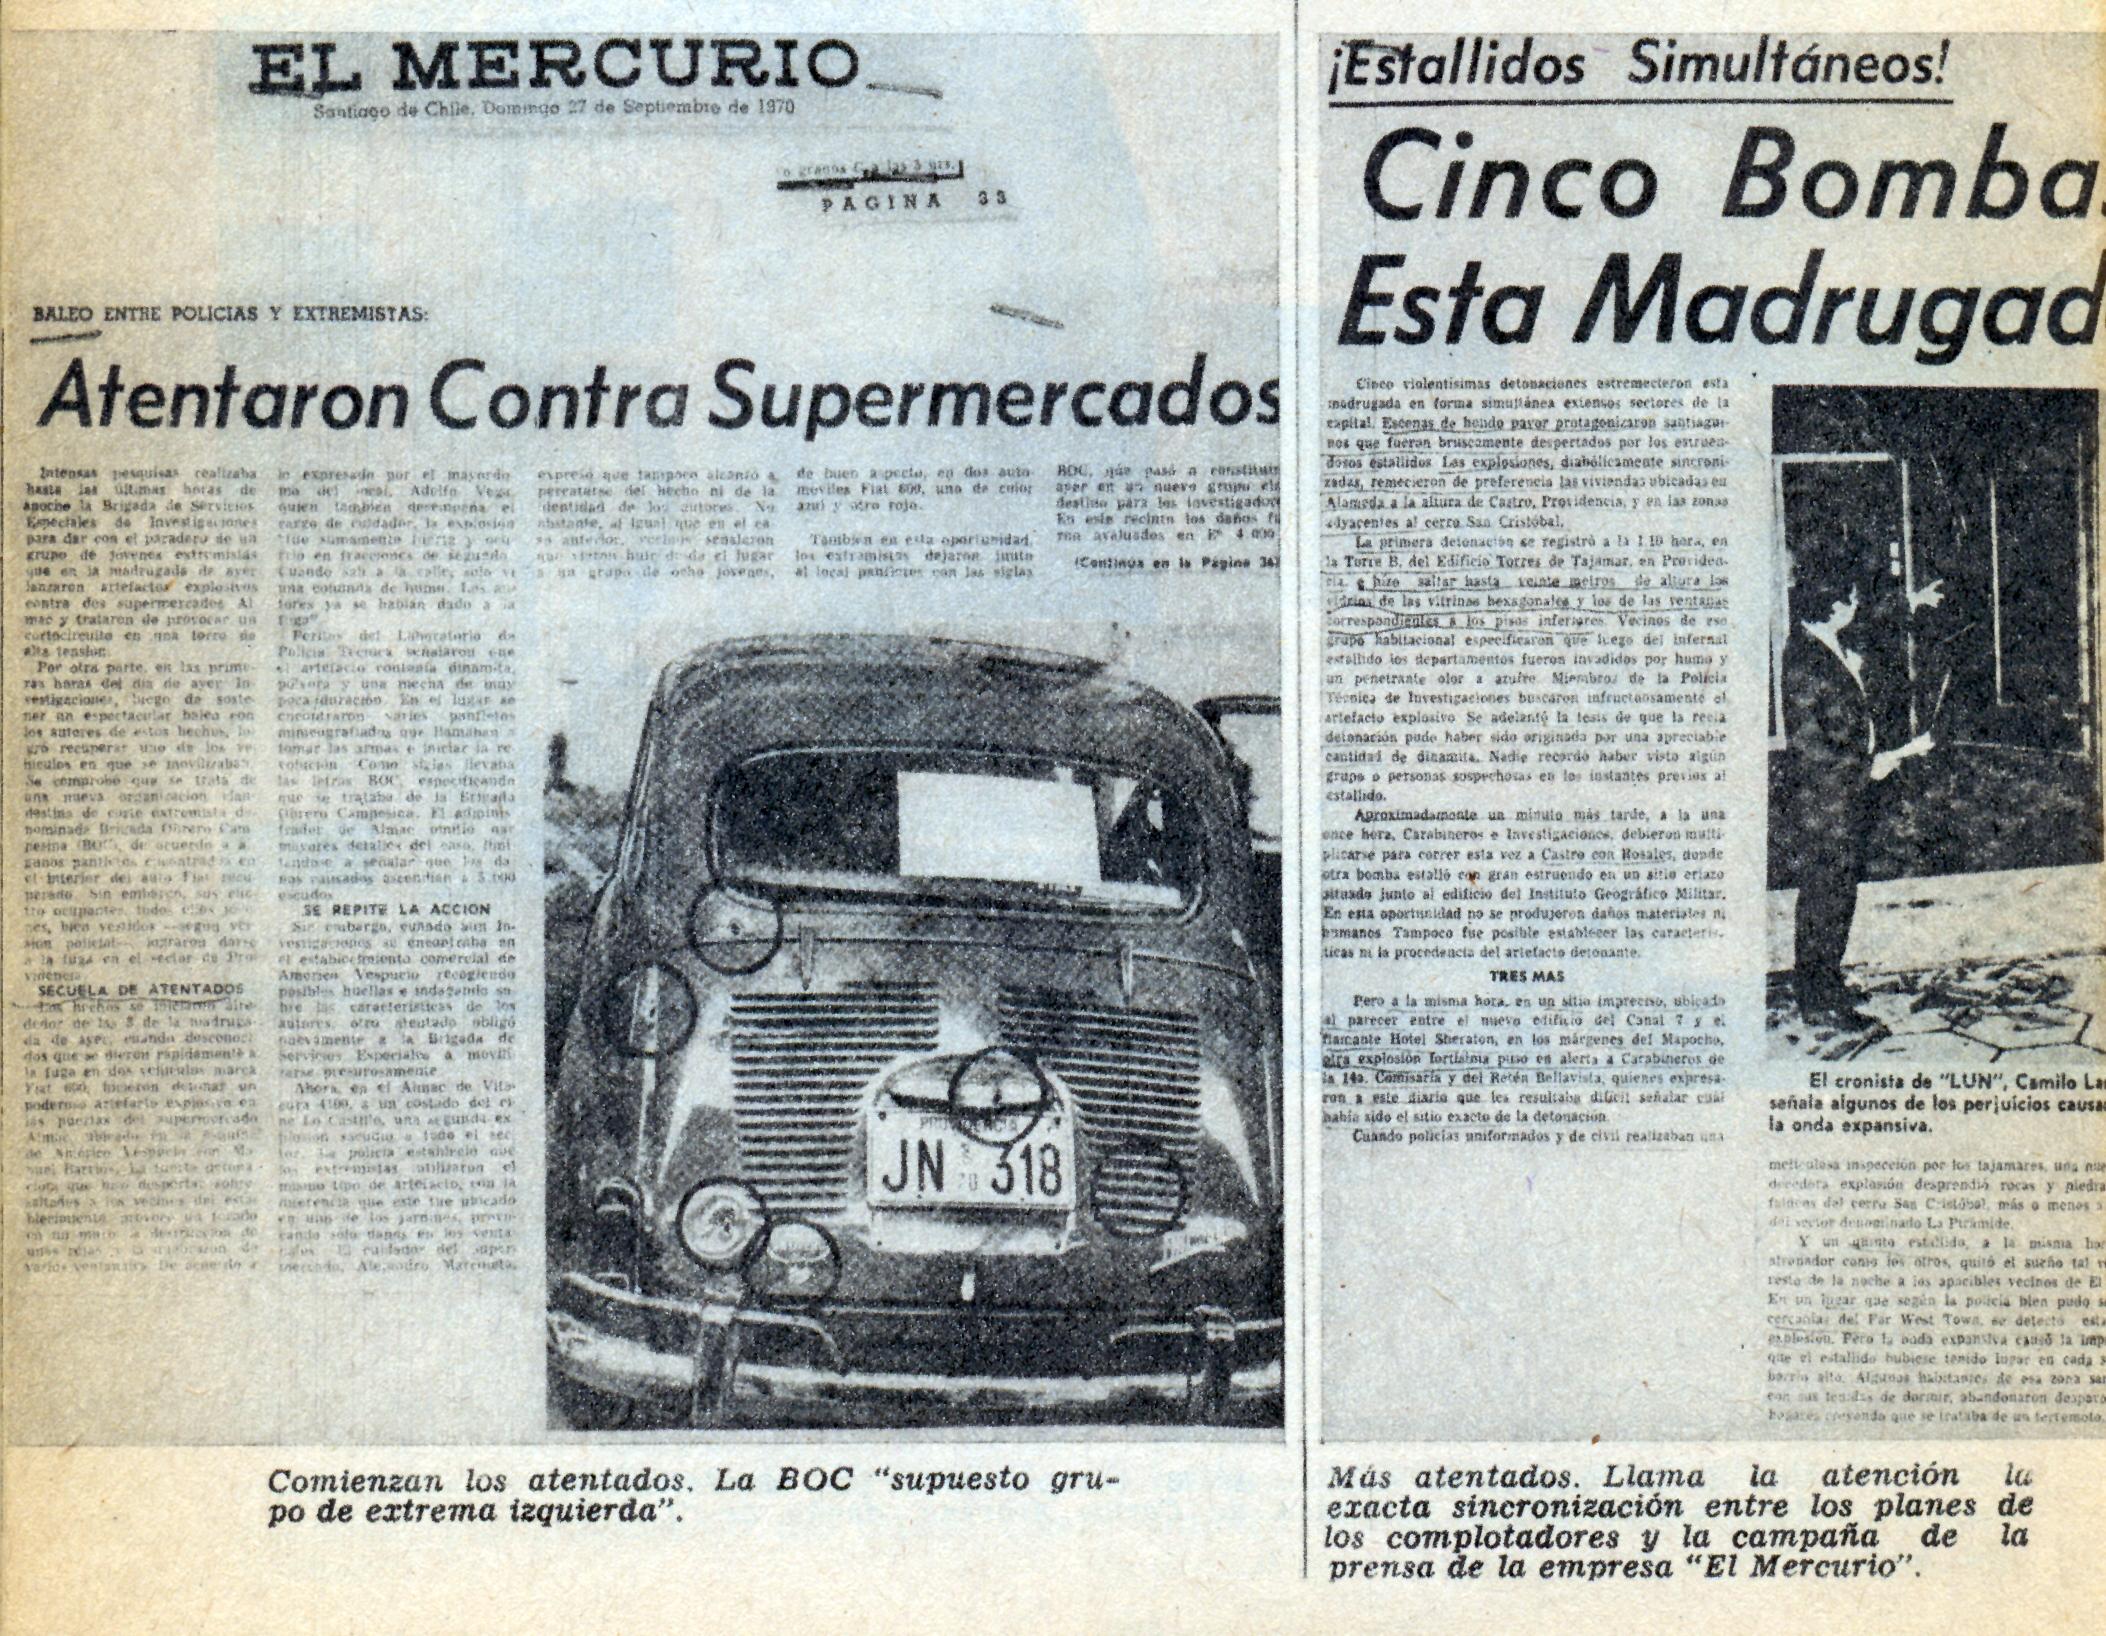 El Mercurio informa sobre los atentados.